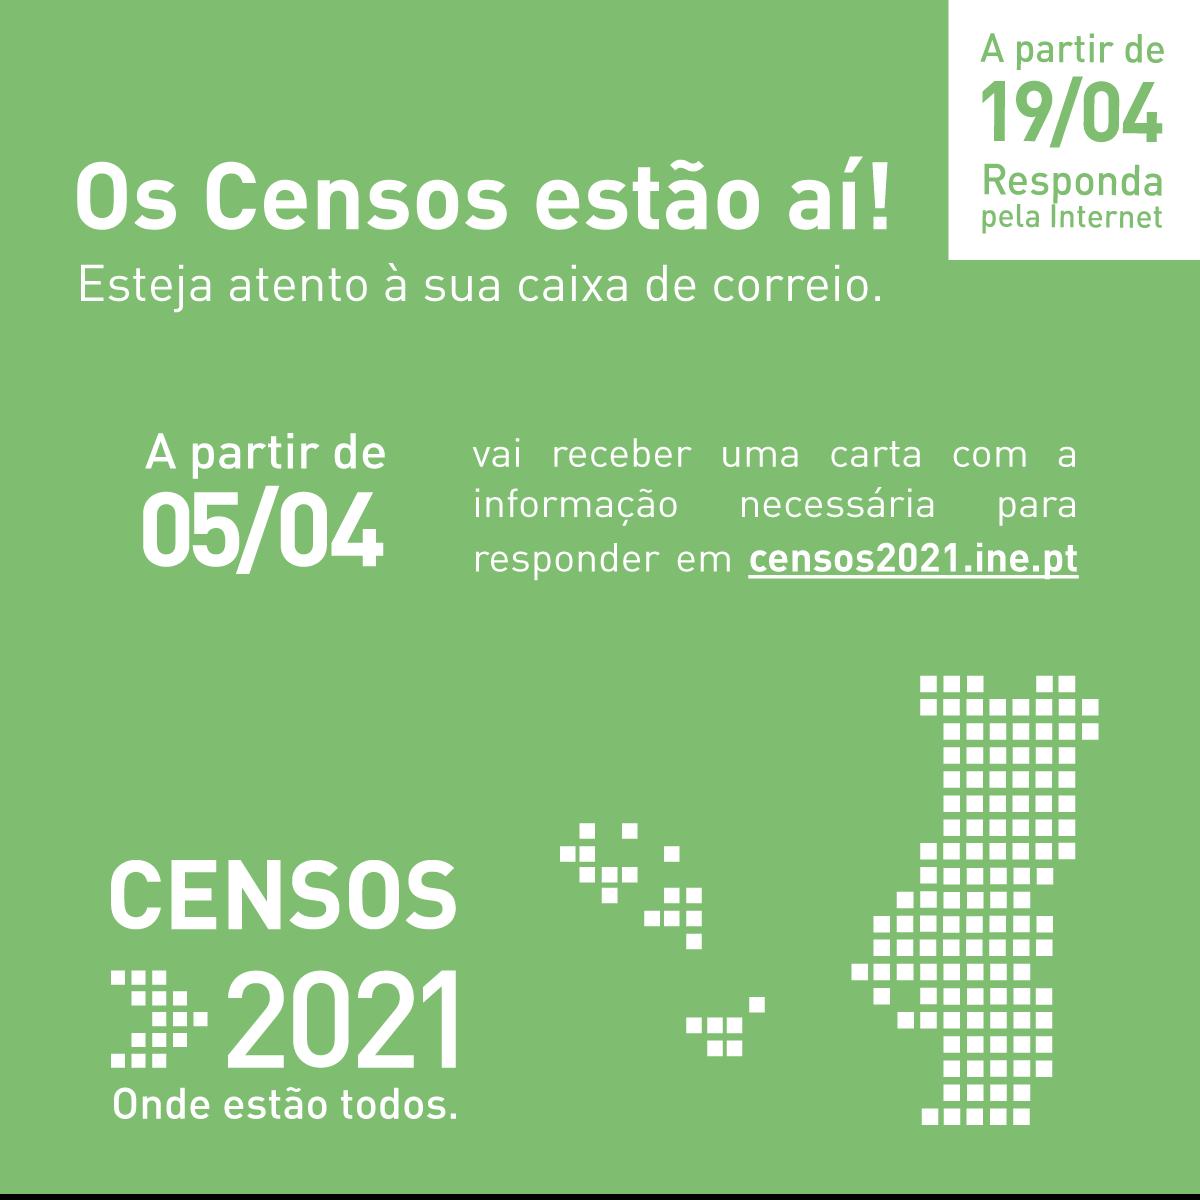 INE | Operação Censos 2021 arrancou no dia 5 abril